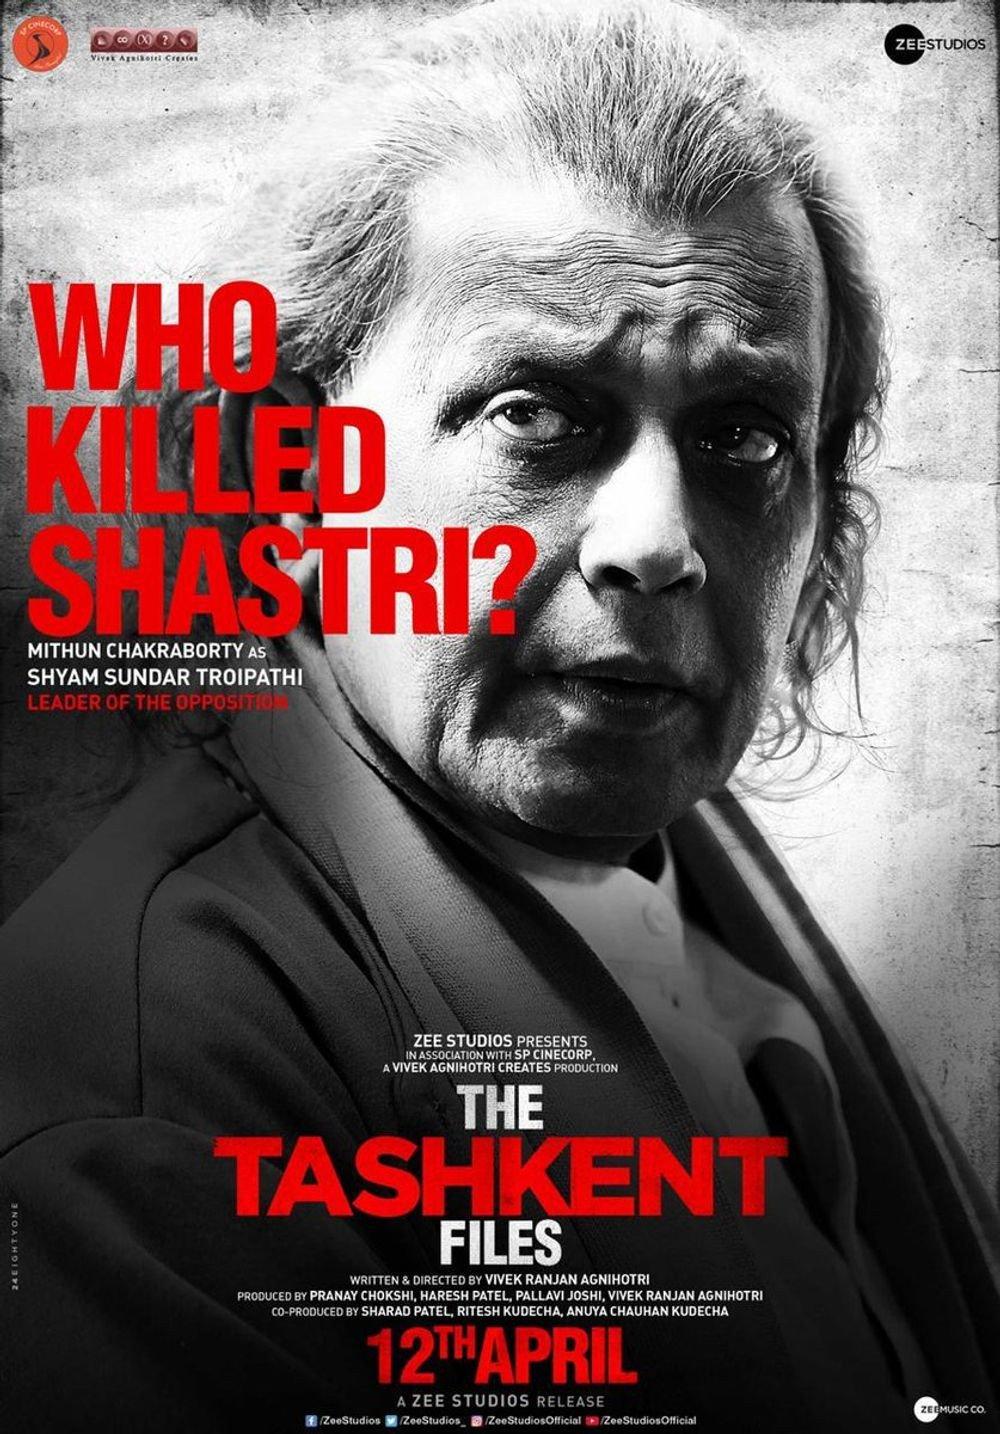 0-<p>The Tashkent Files</p>